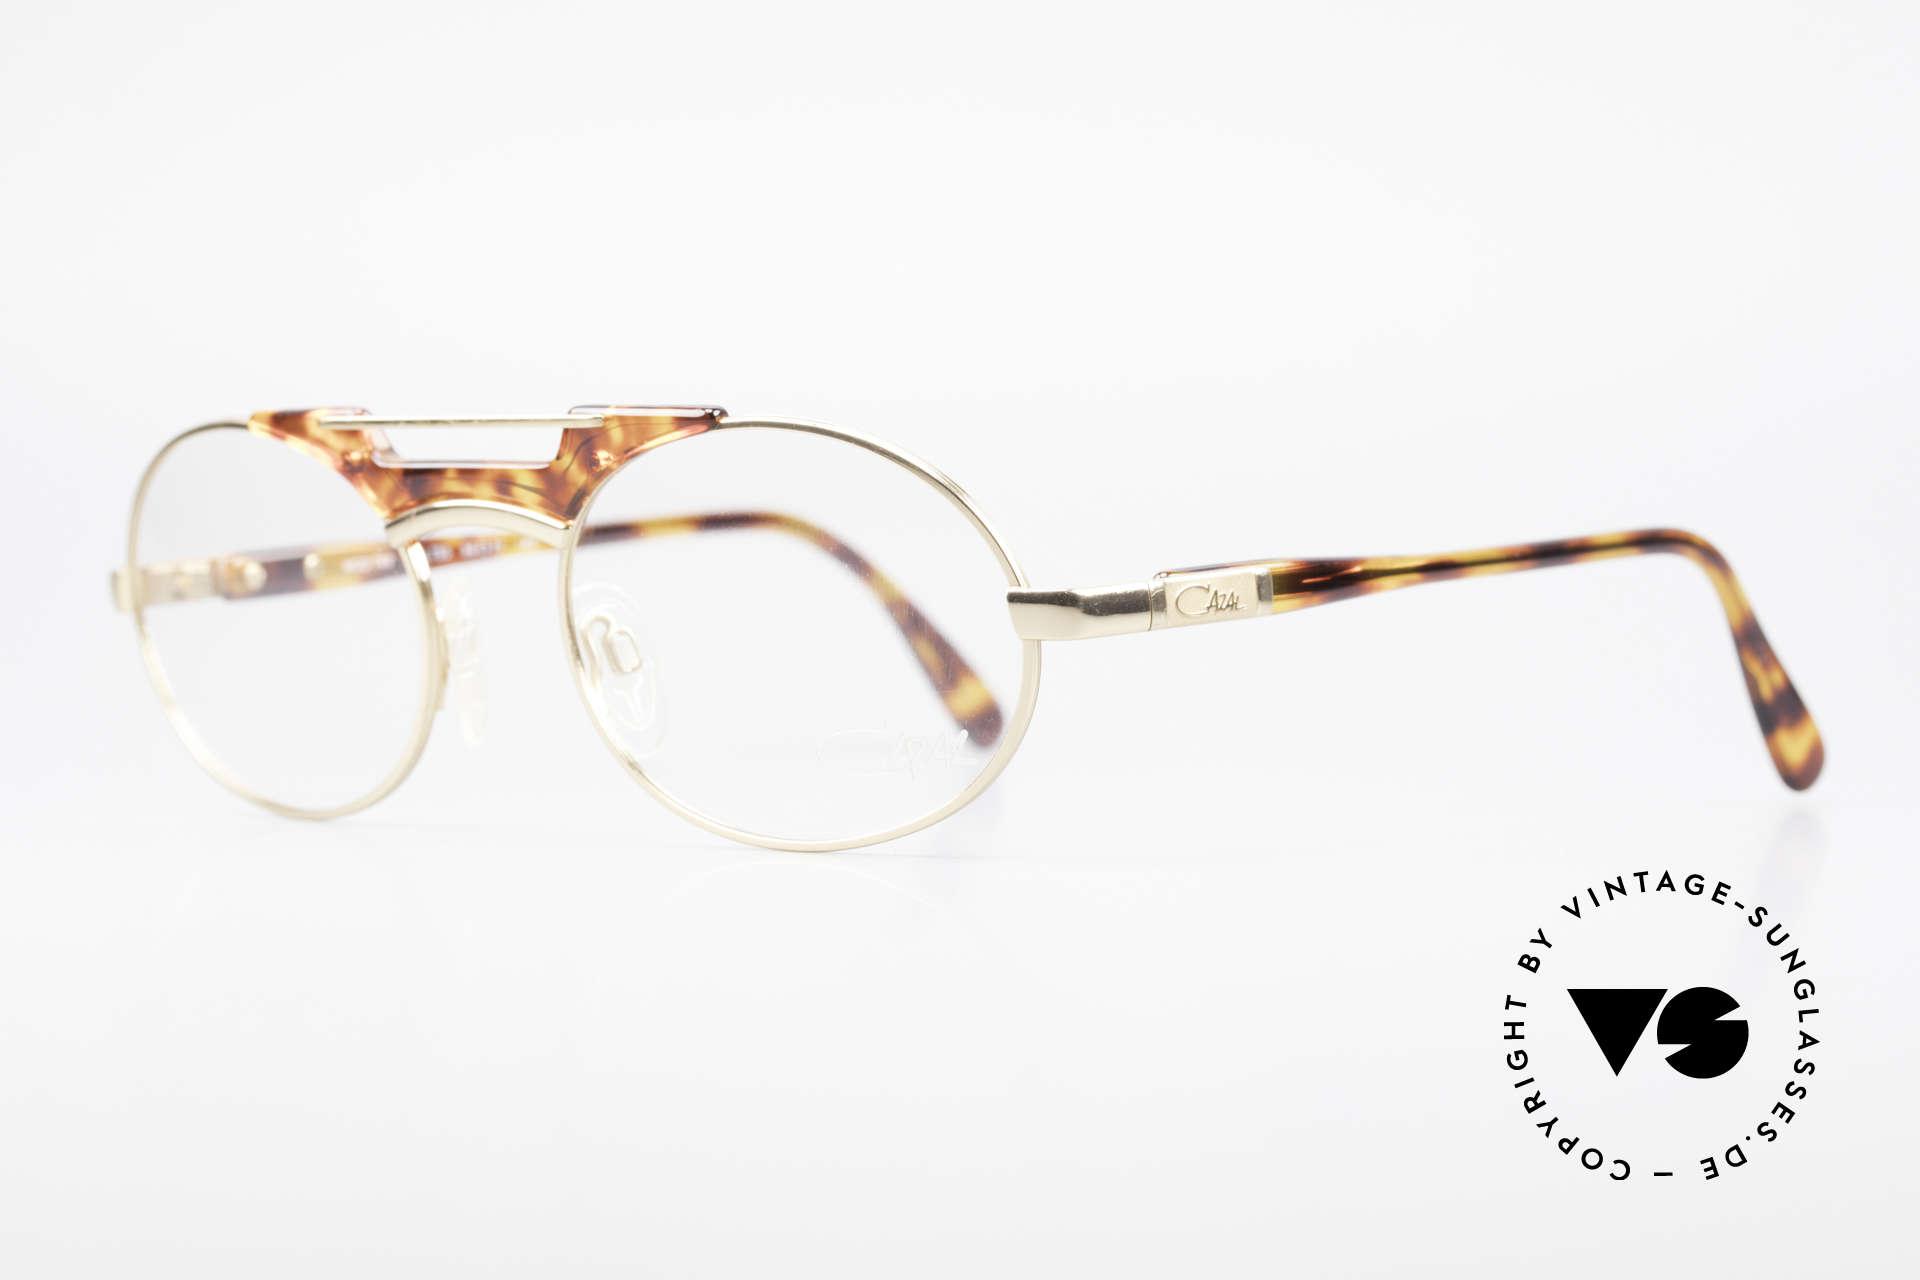 Cazal 749 Ovale Designer Brille Unisex, typische Materialkombination der damaligen Zeit, Passend für Herren und Damen